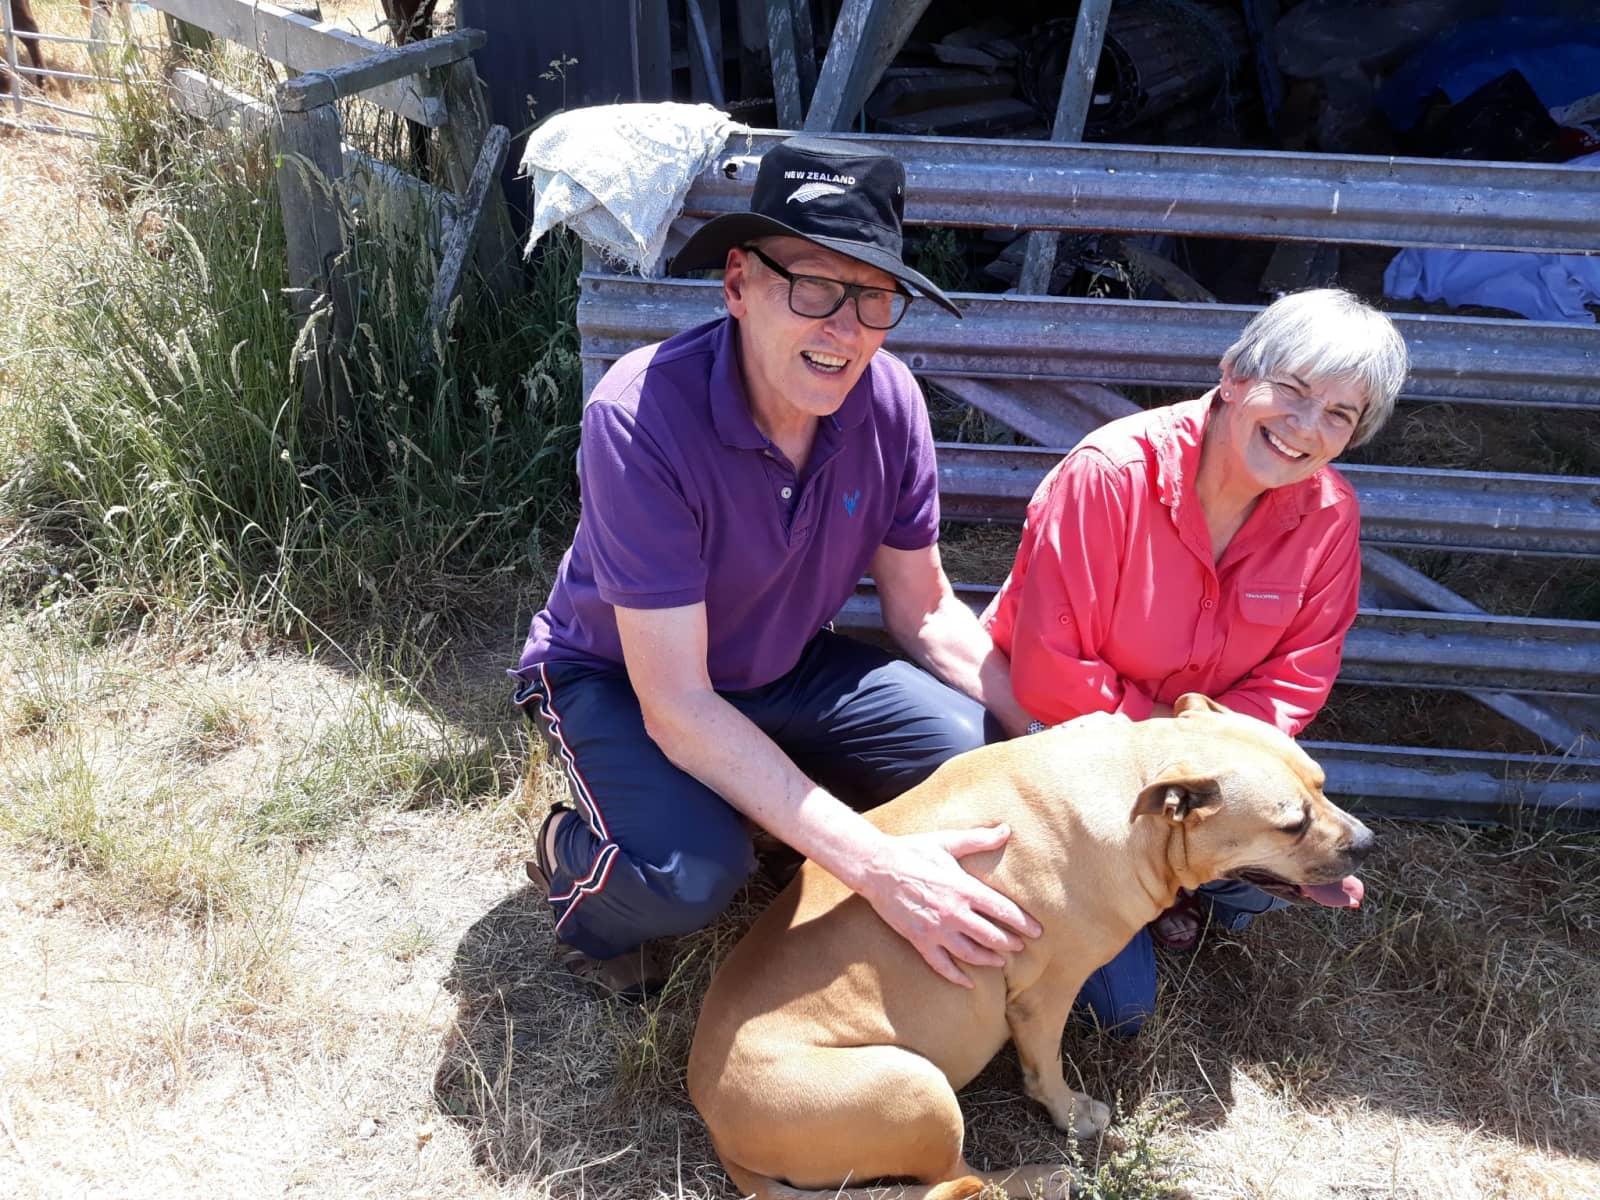 Ian & Susan from Waikanae, New Zealand